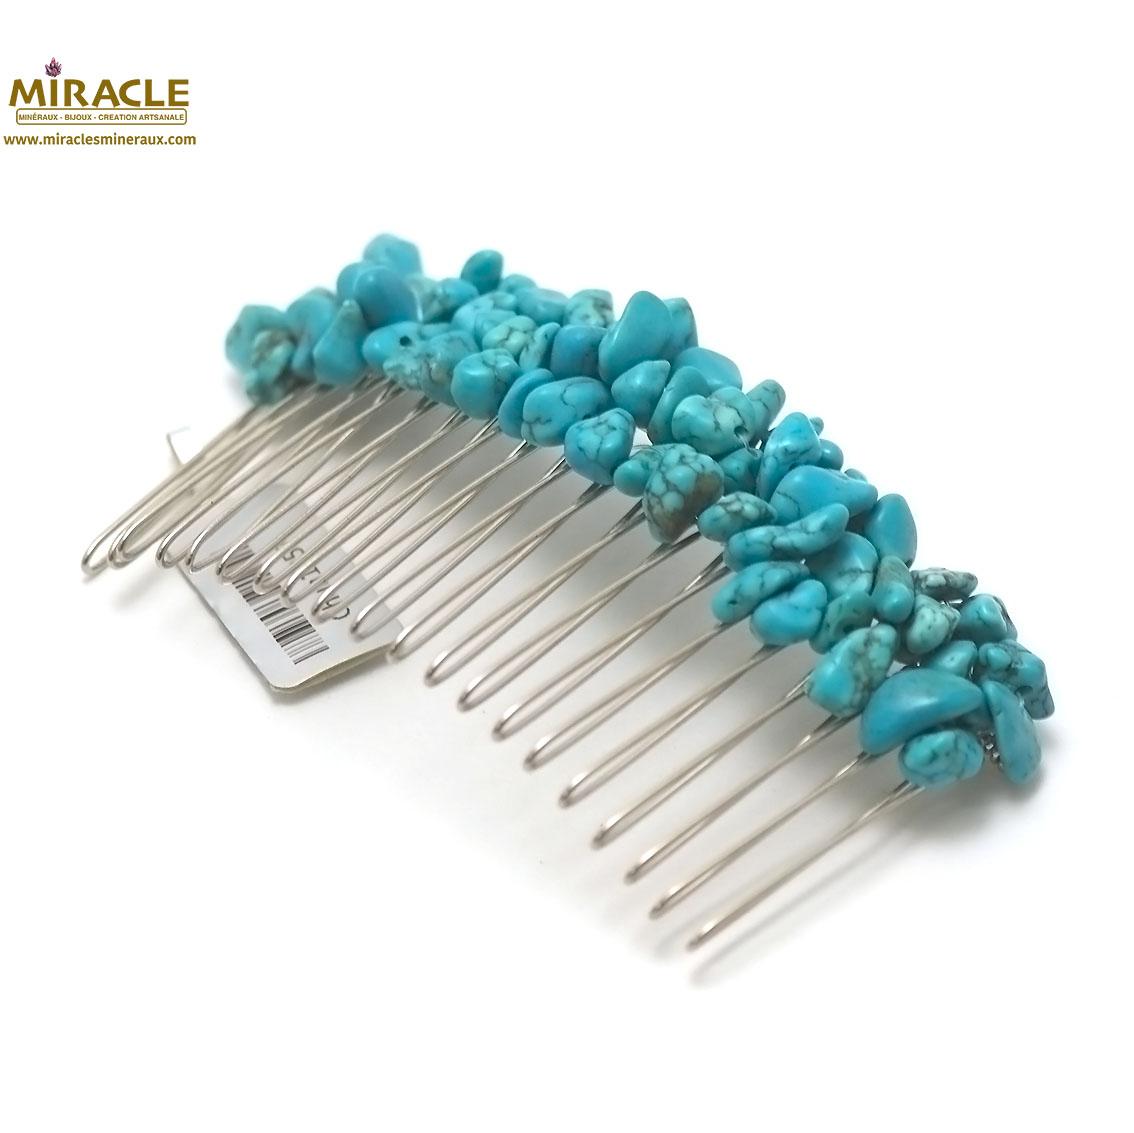 peigne pour cheveux création artisanale, turquoise